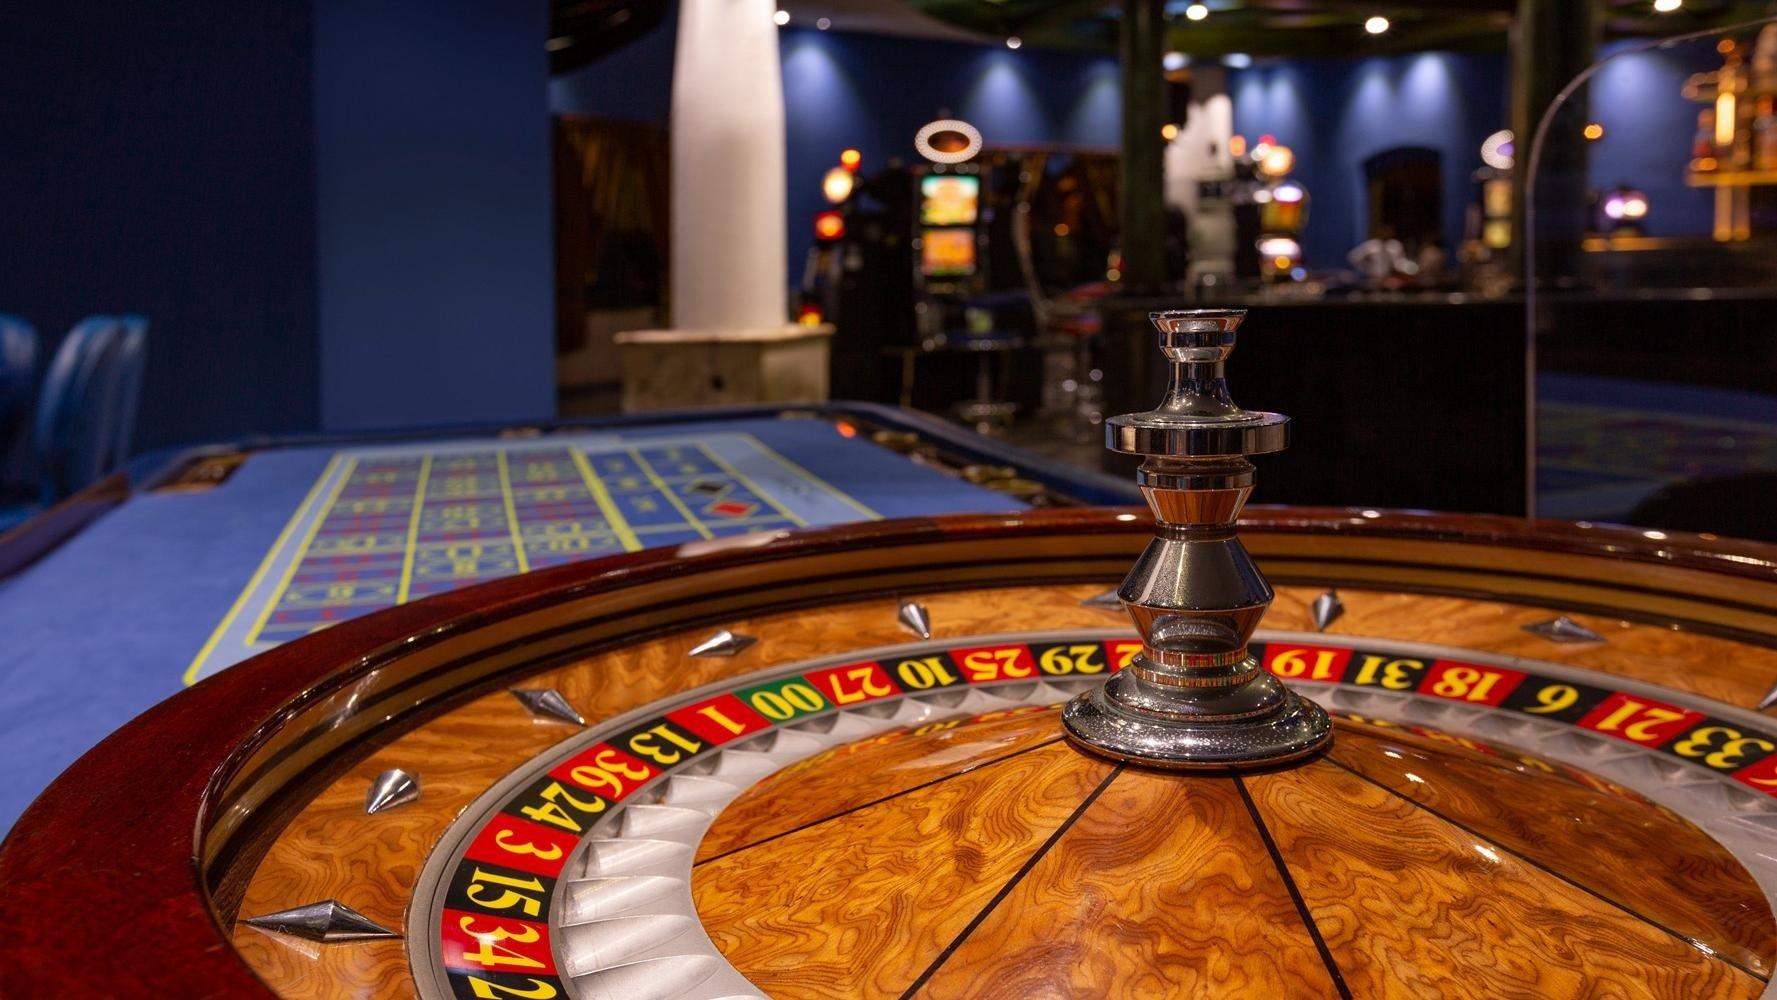 Из-за коронавируса американские казино лишатся свыше 39 млрд. долларов